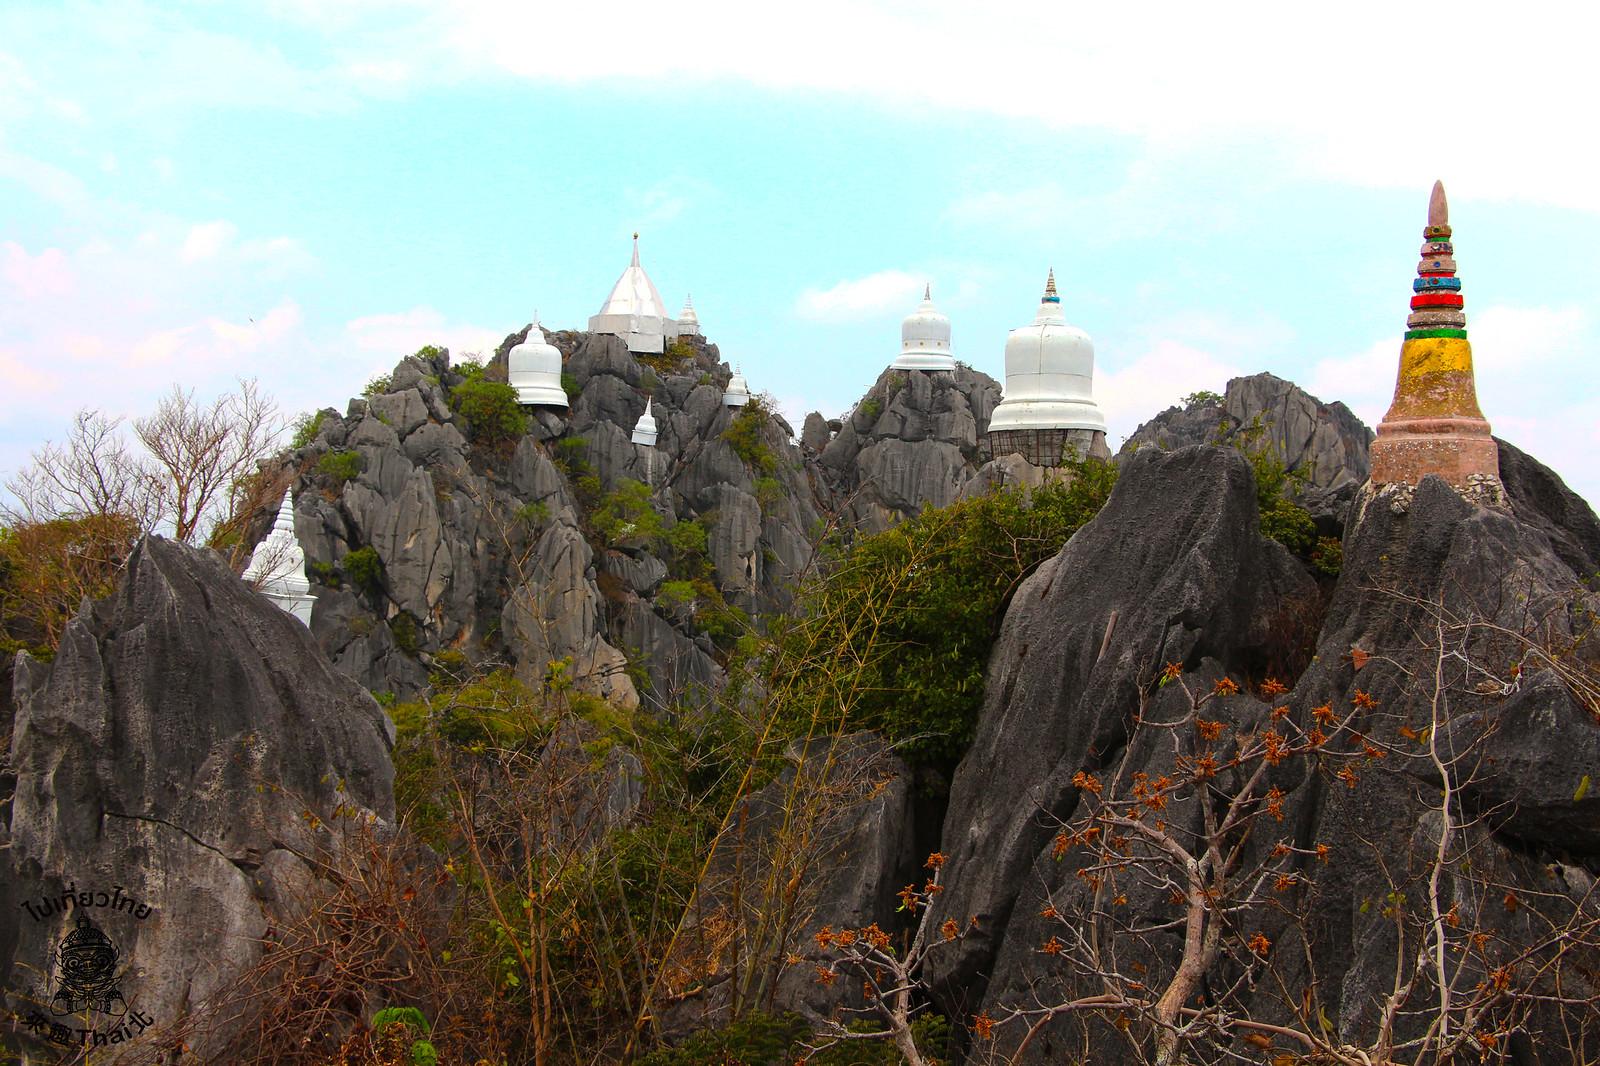 高懸山巔的純白聖地-佛足淨土寺